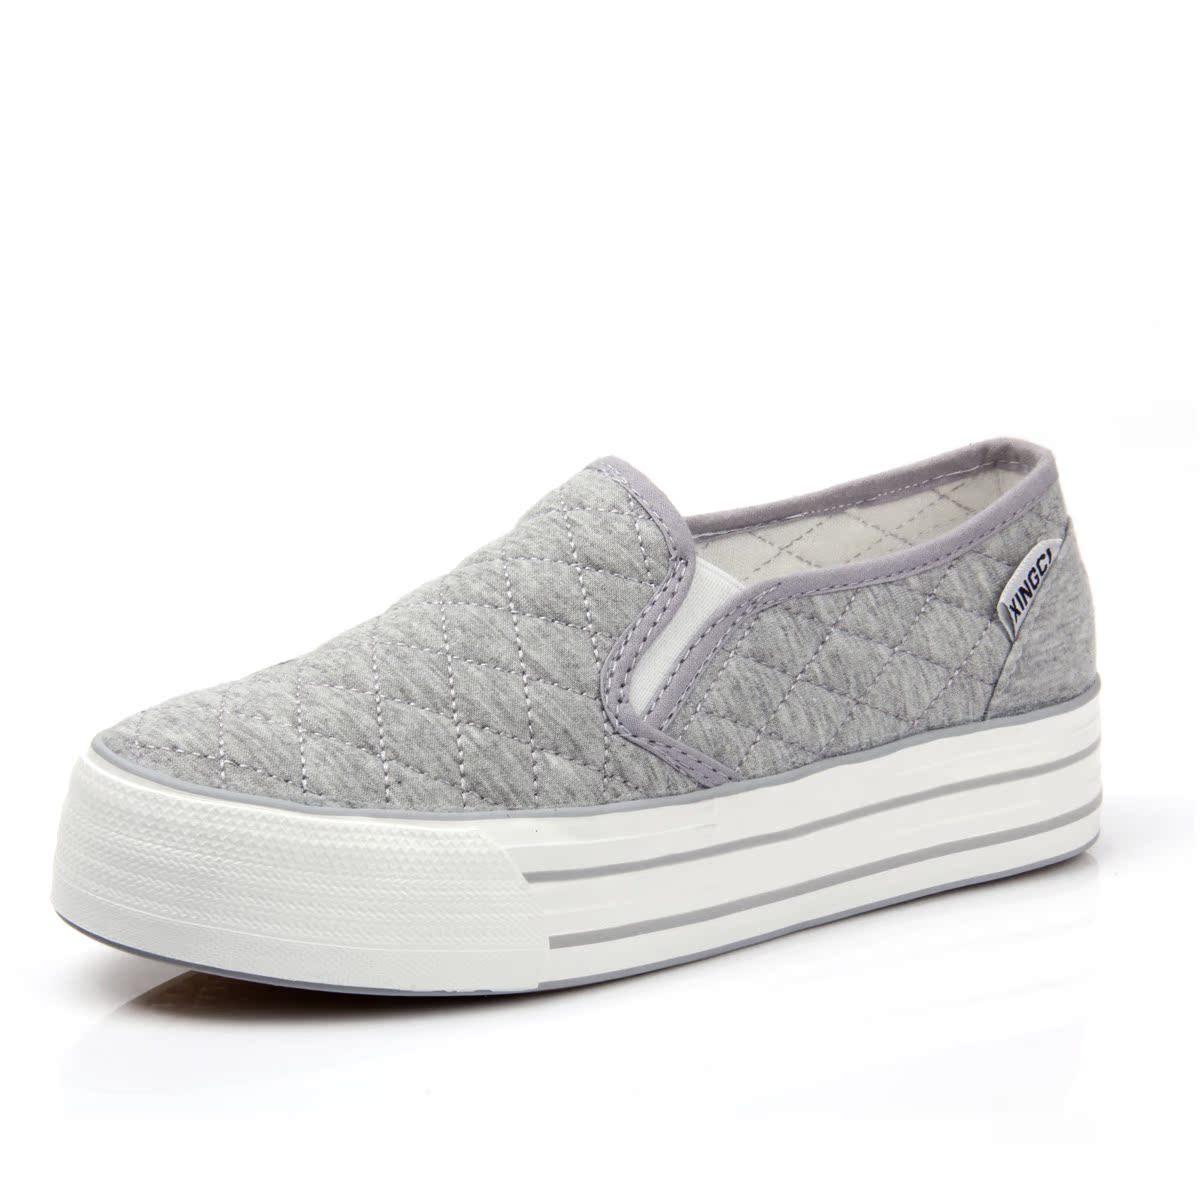 2013新款女式布鞋浅口帆布鞋厚底松糕透气韩版低帮女鞋子休闲鞋潮 价格:38.00